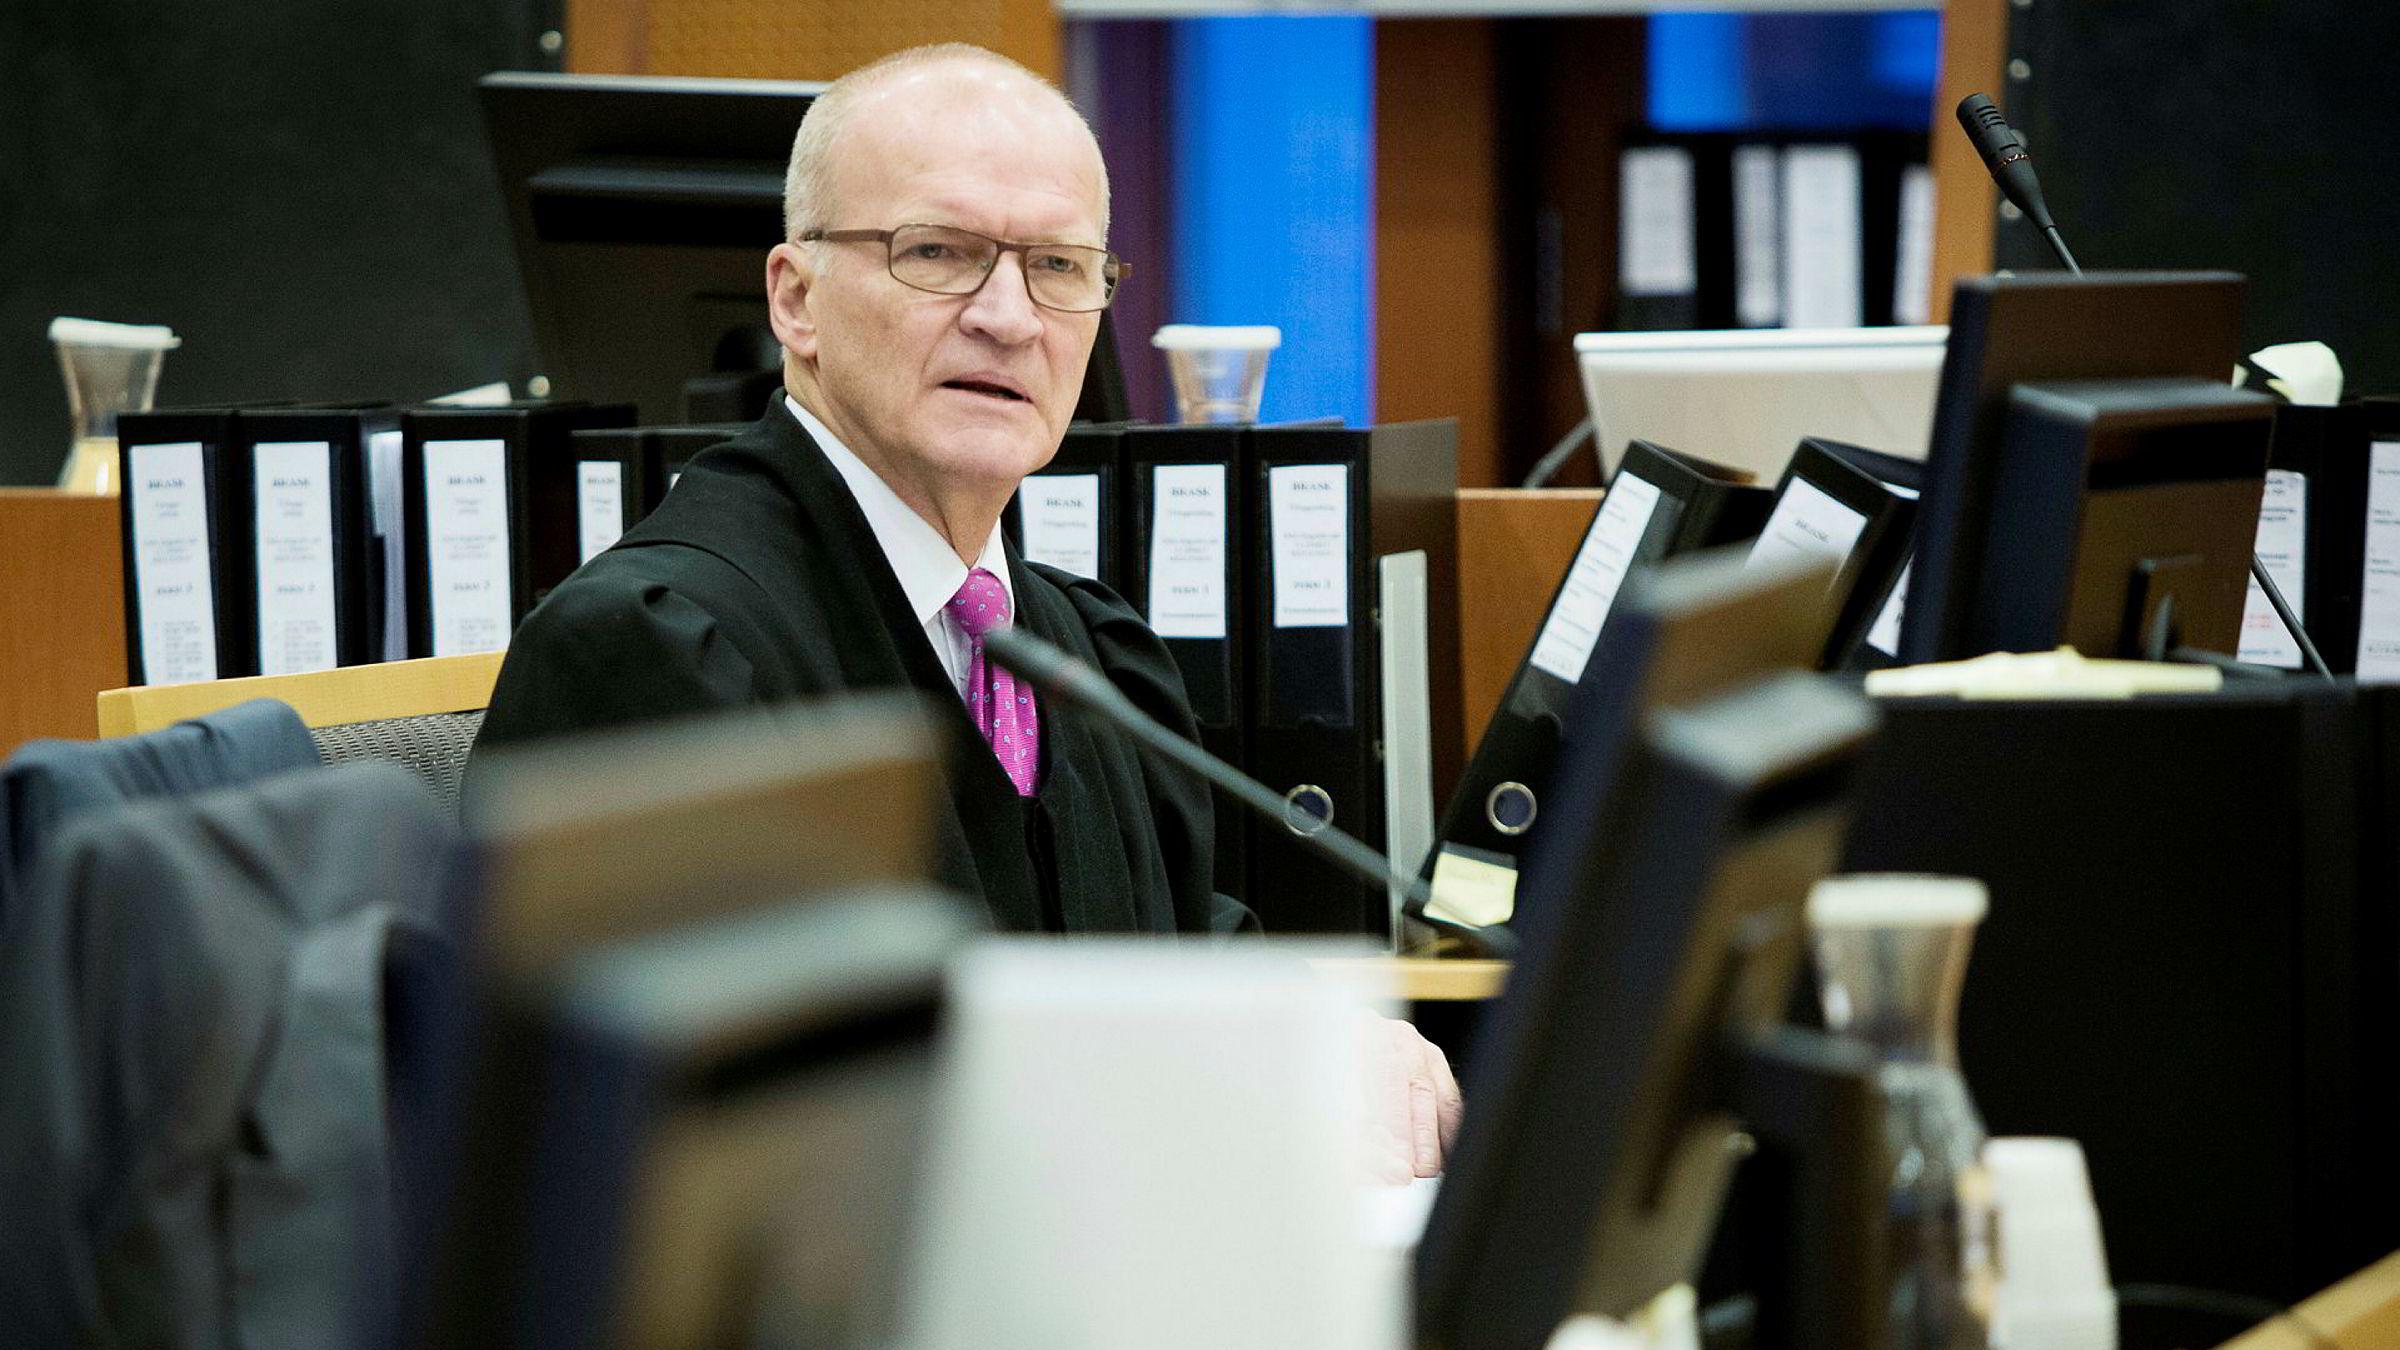 Advokat Erling Olav Lyngtveit forsvarte den nå bedrageridømte mannen og forteller tirsdag kveld at dommen vil bli anket.